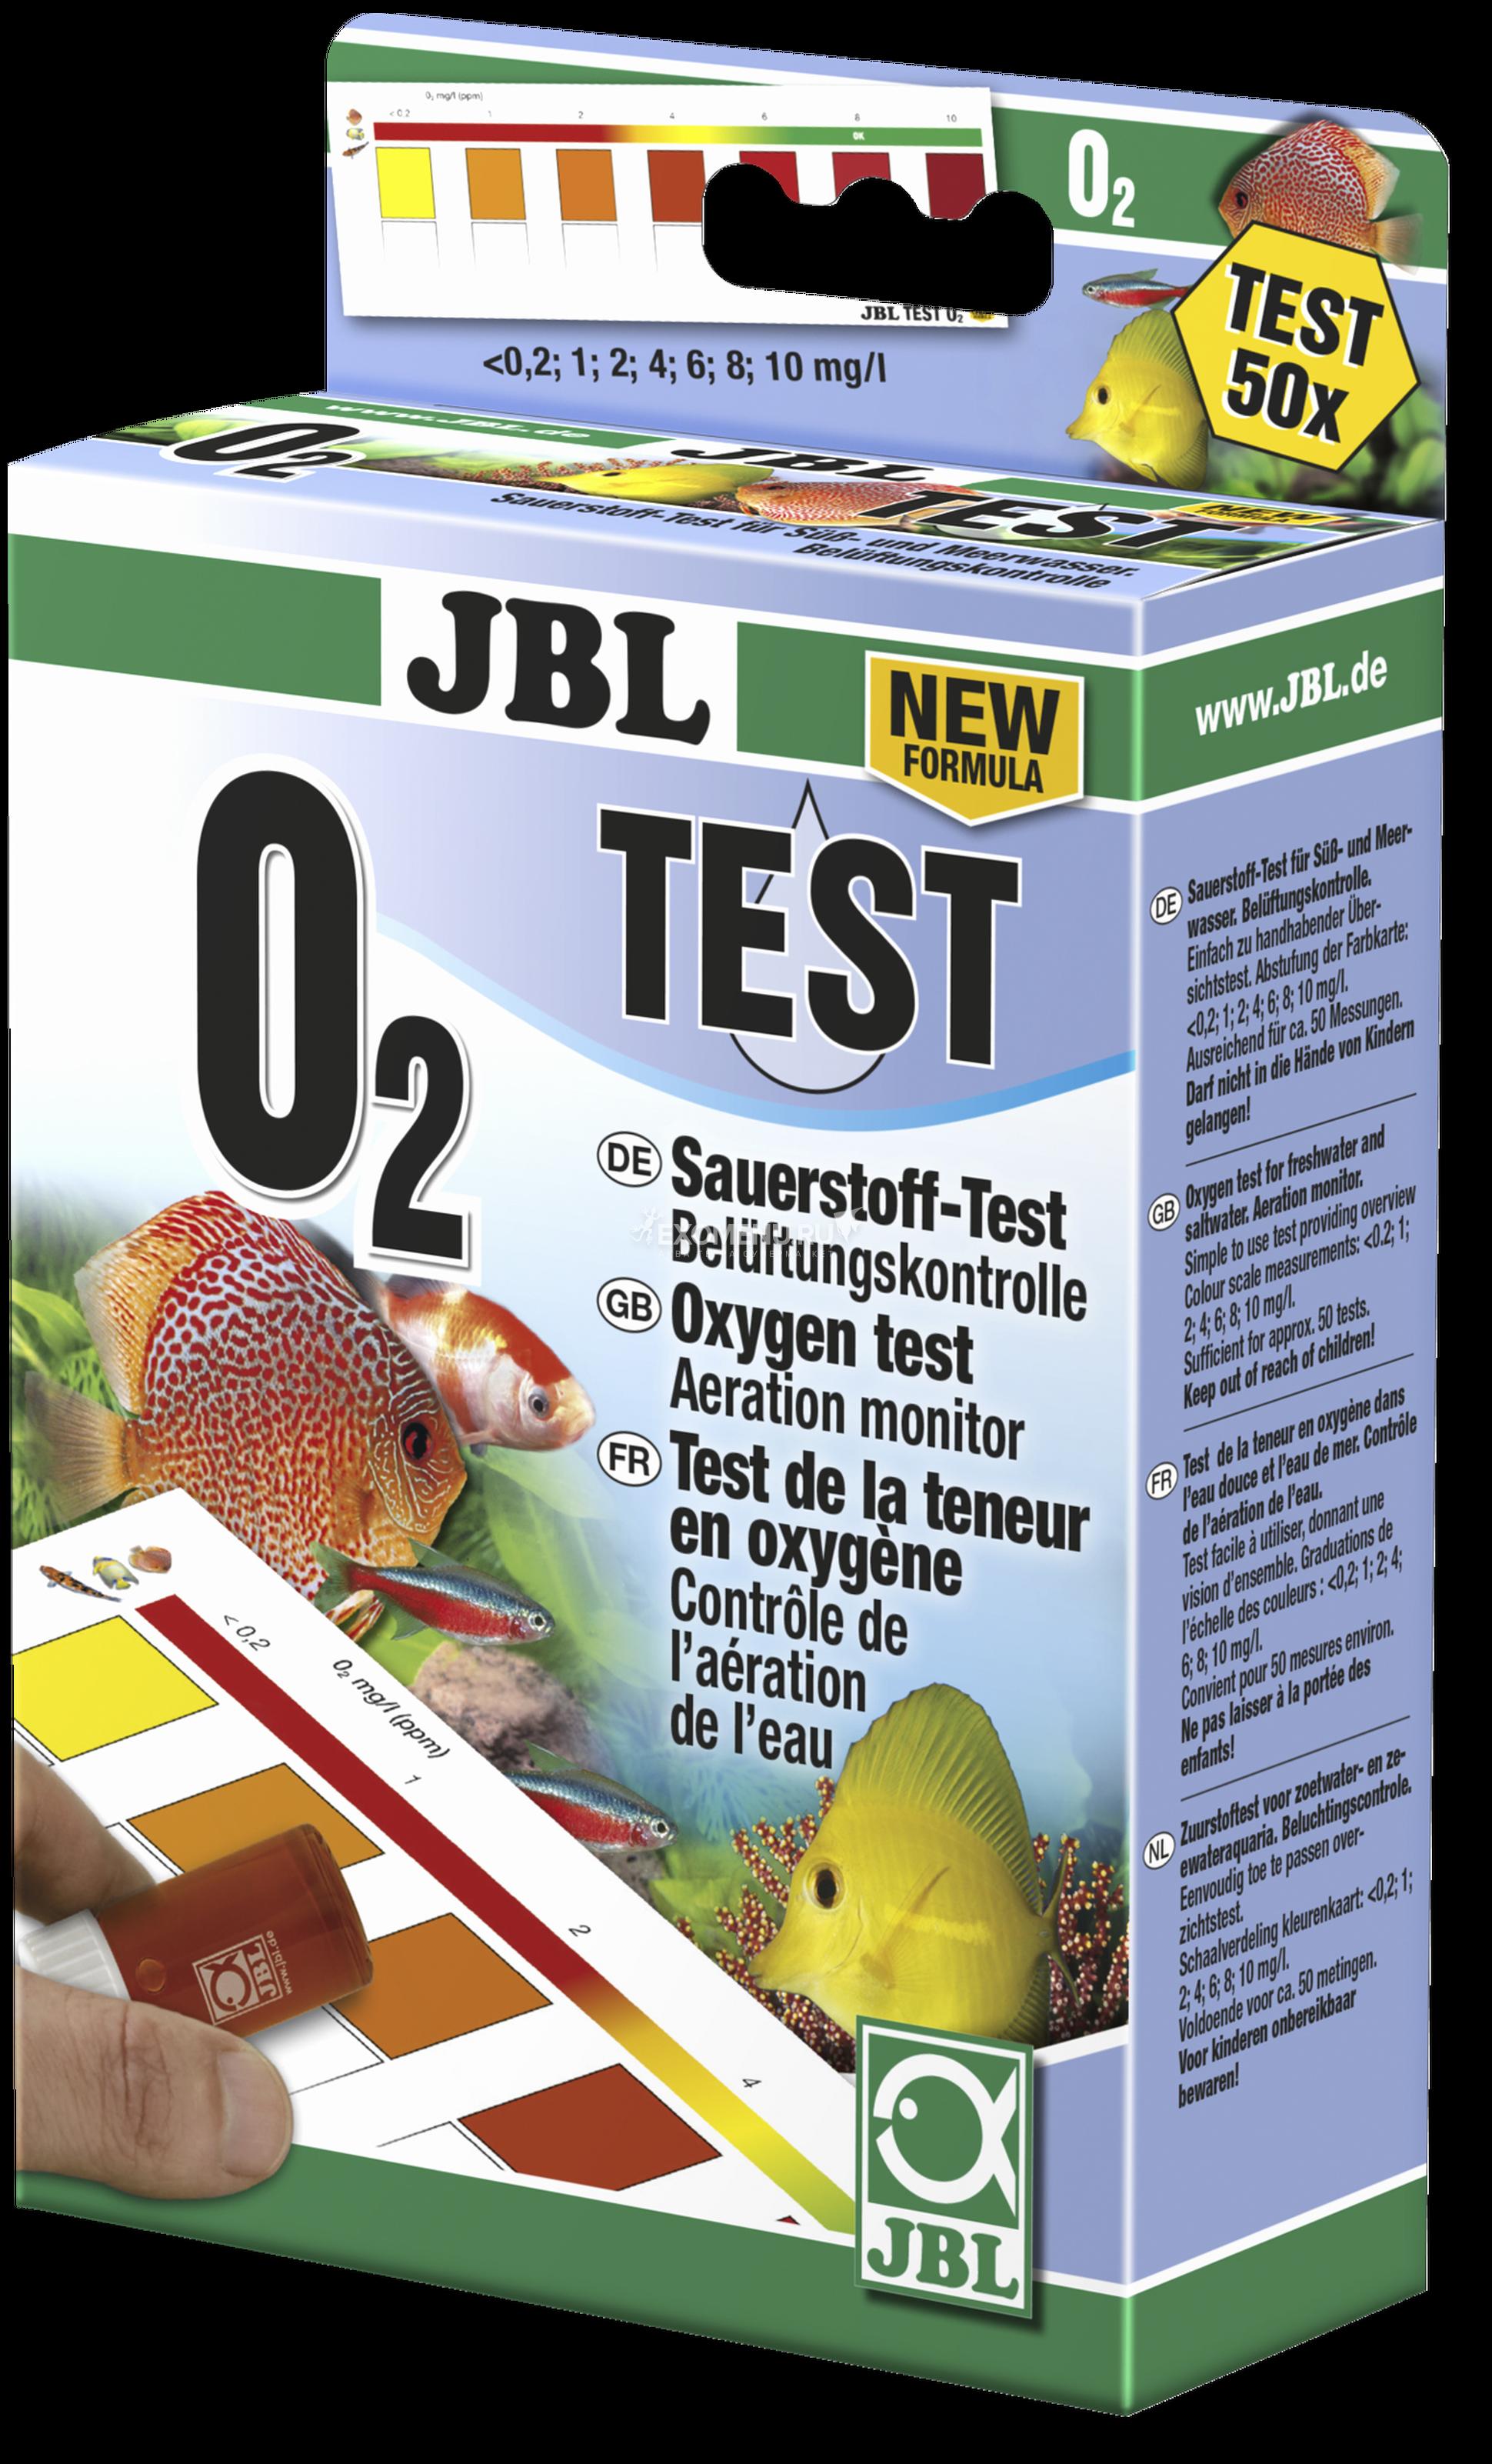 JBL O2 Oxygen Test Set New Formula - Экспресс-тест для определения содержания кислорода в пресноводных/морских аквариумах и прудах